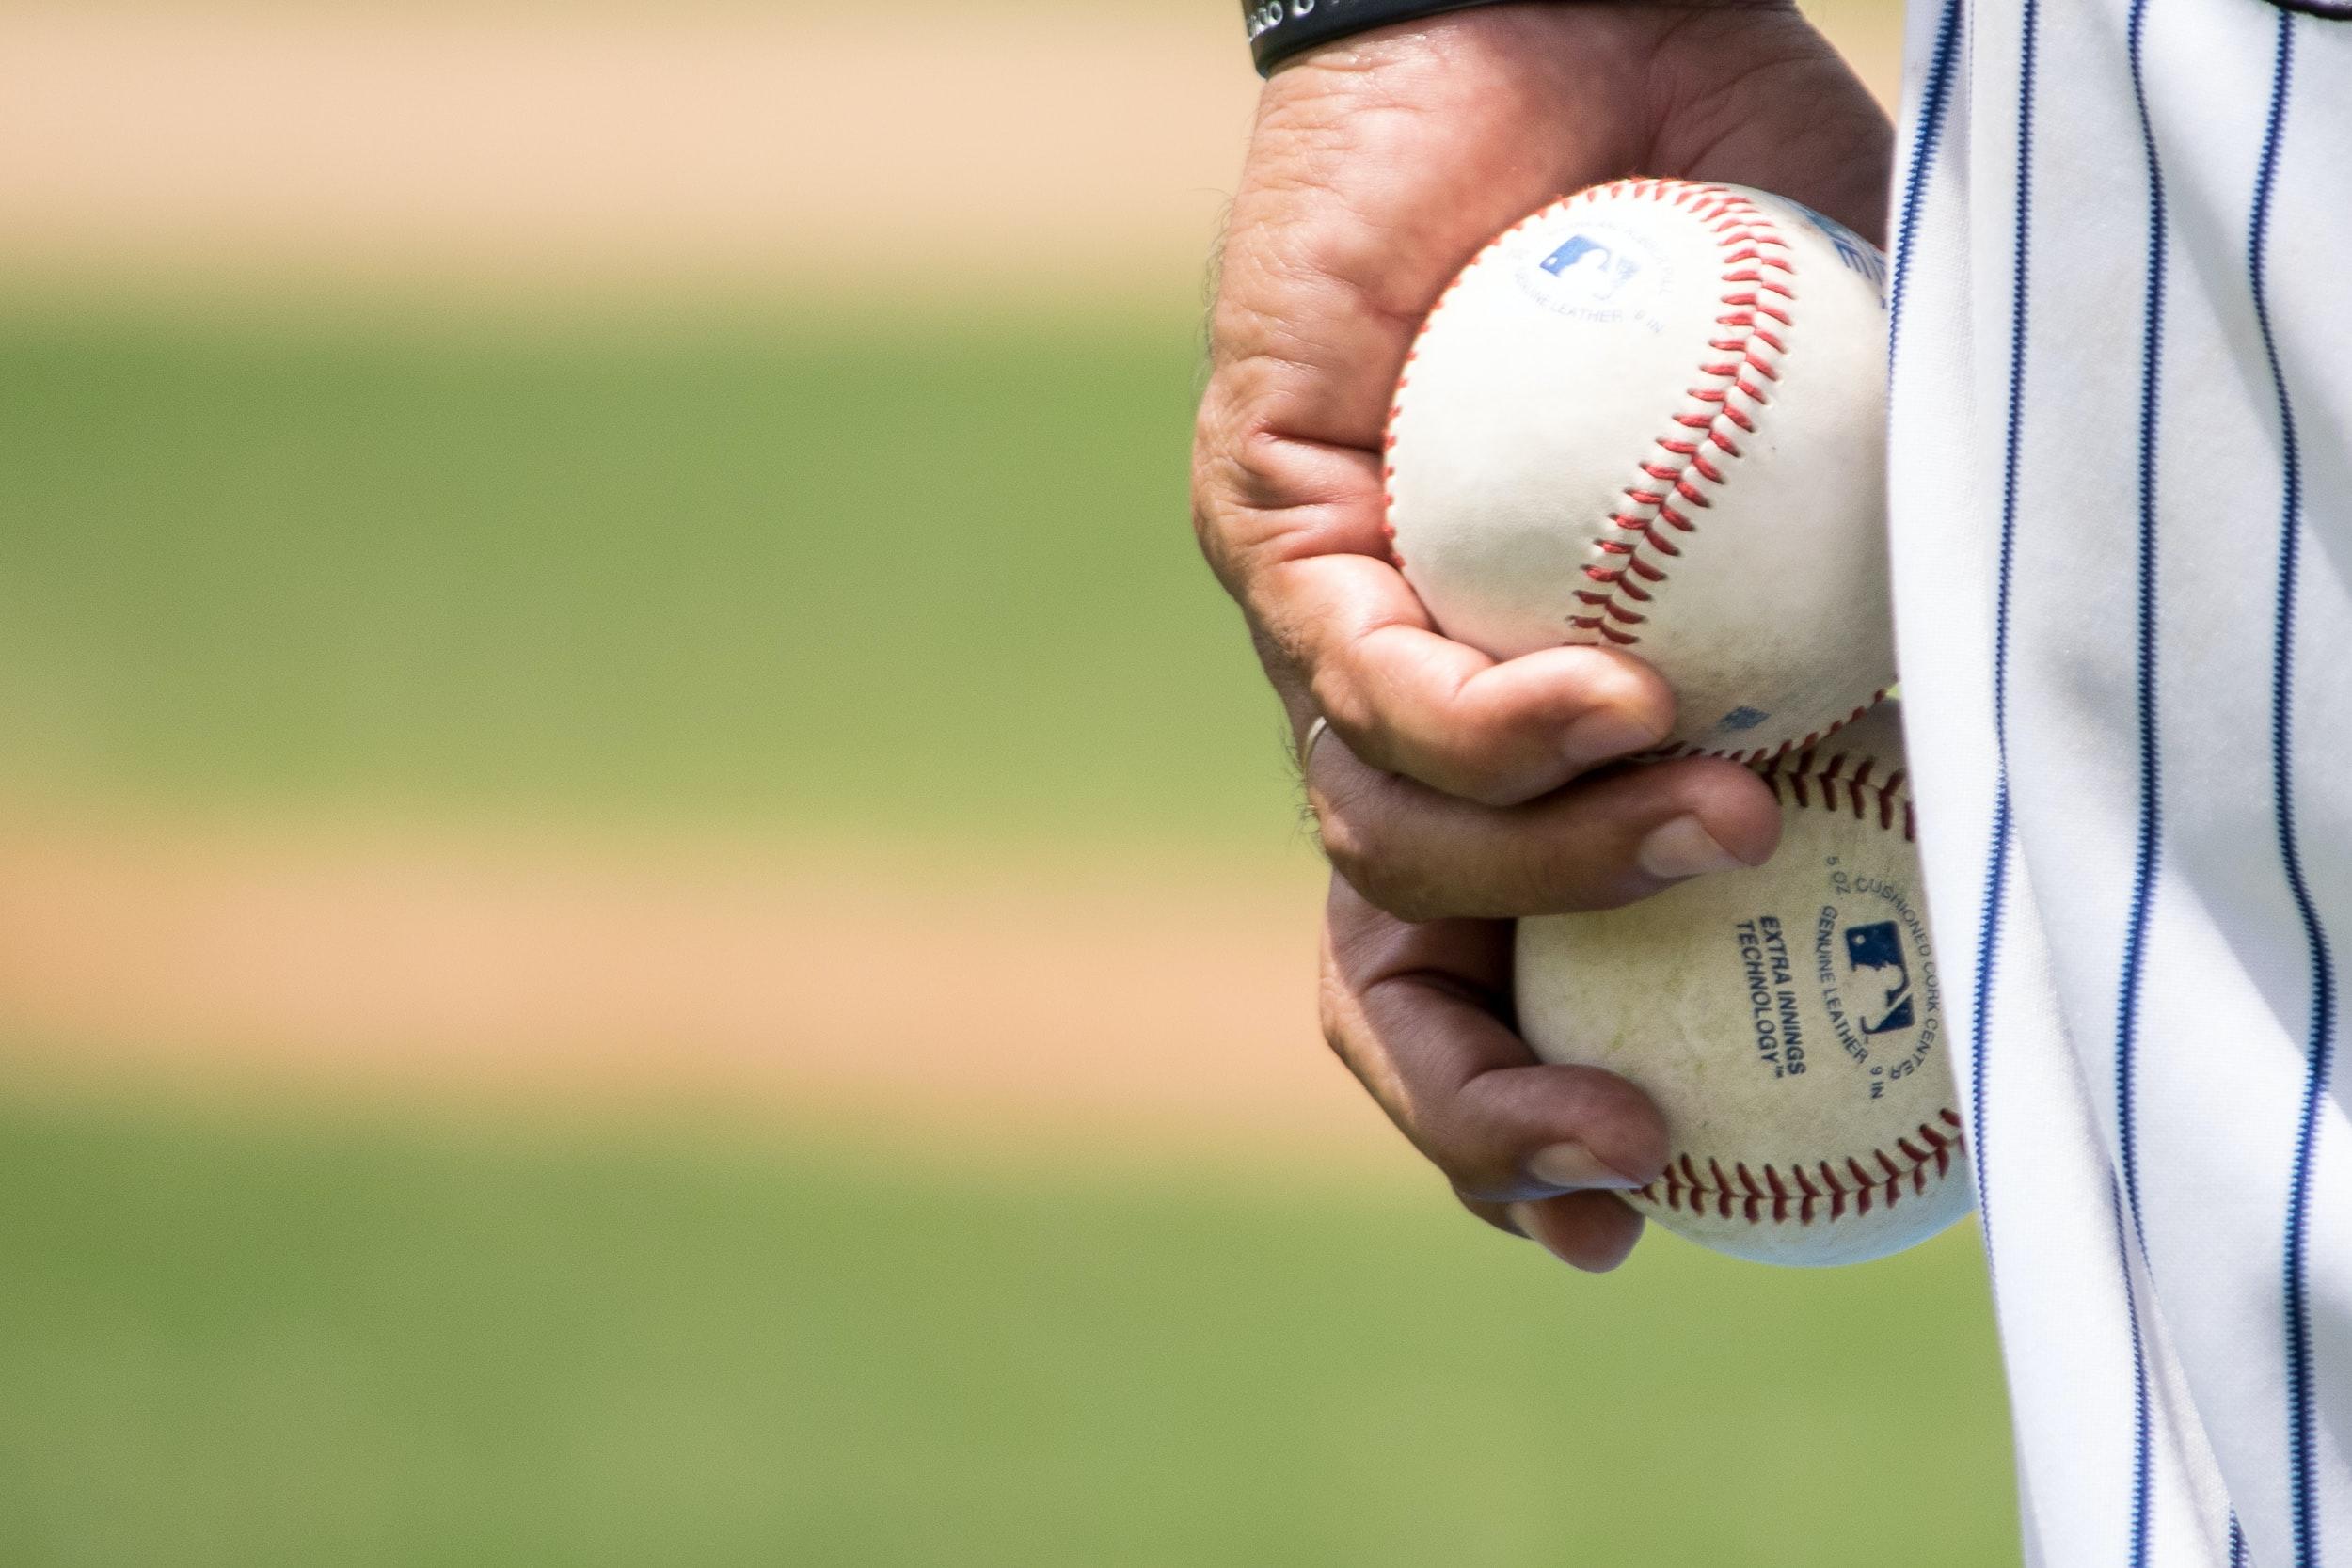 El béisbol, el rey de los deportes en la República Dominicana